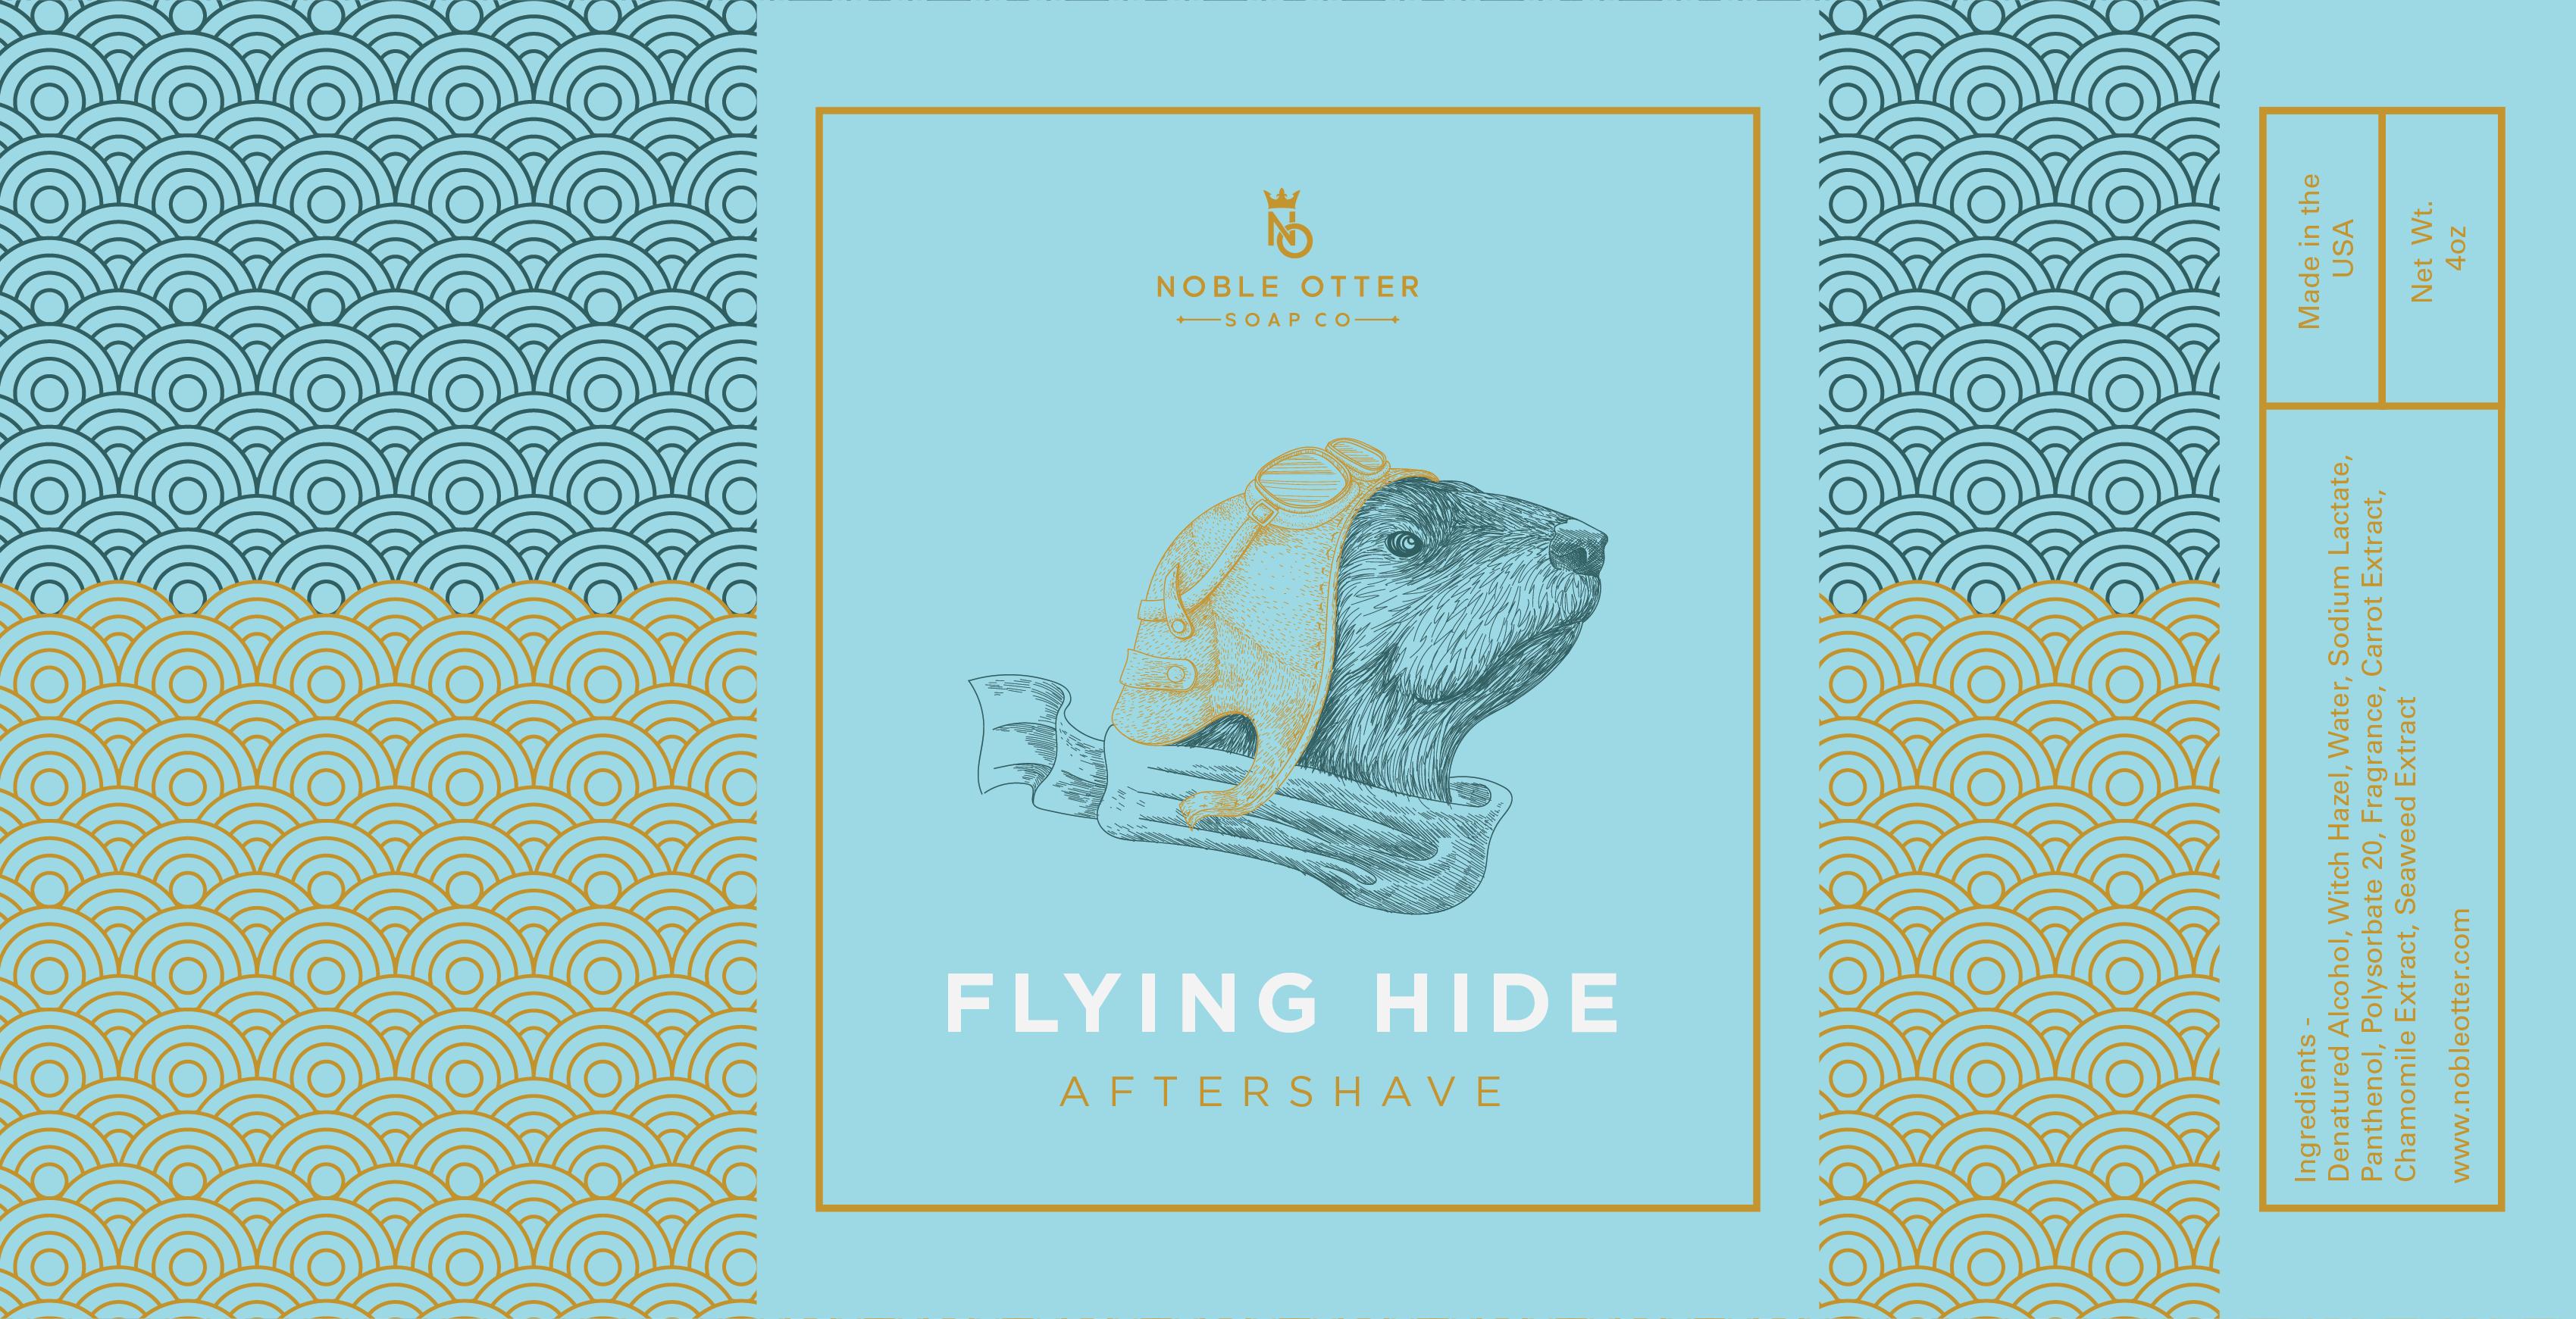 Noble Otter - Flying Hide - Aftershave image